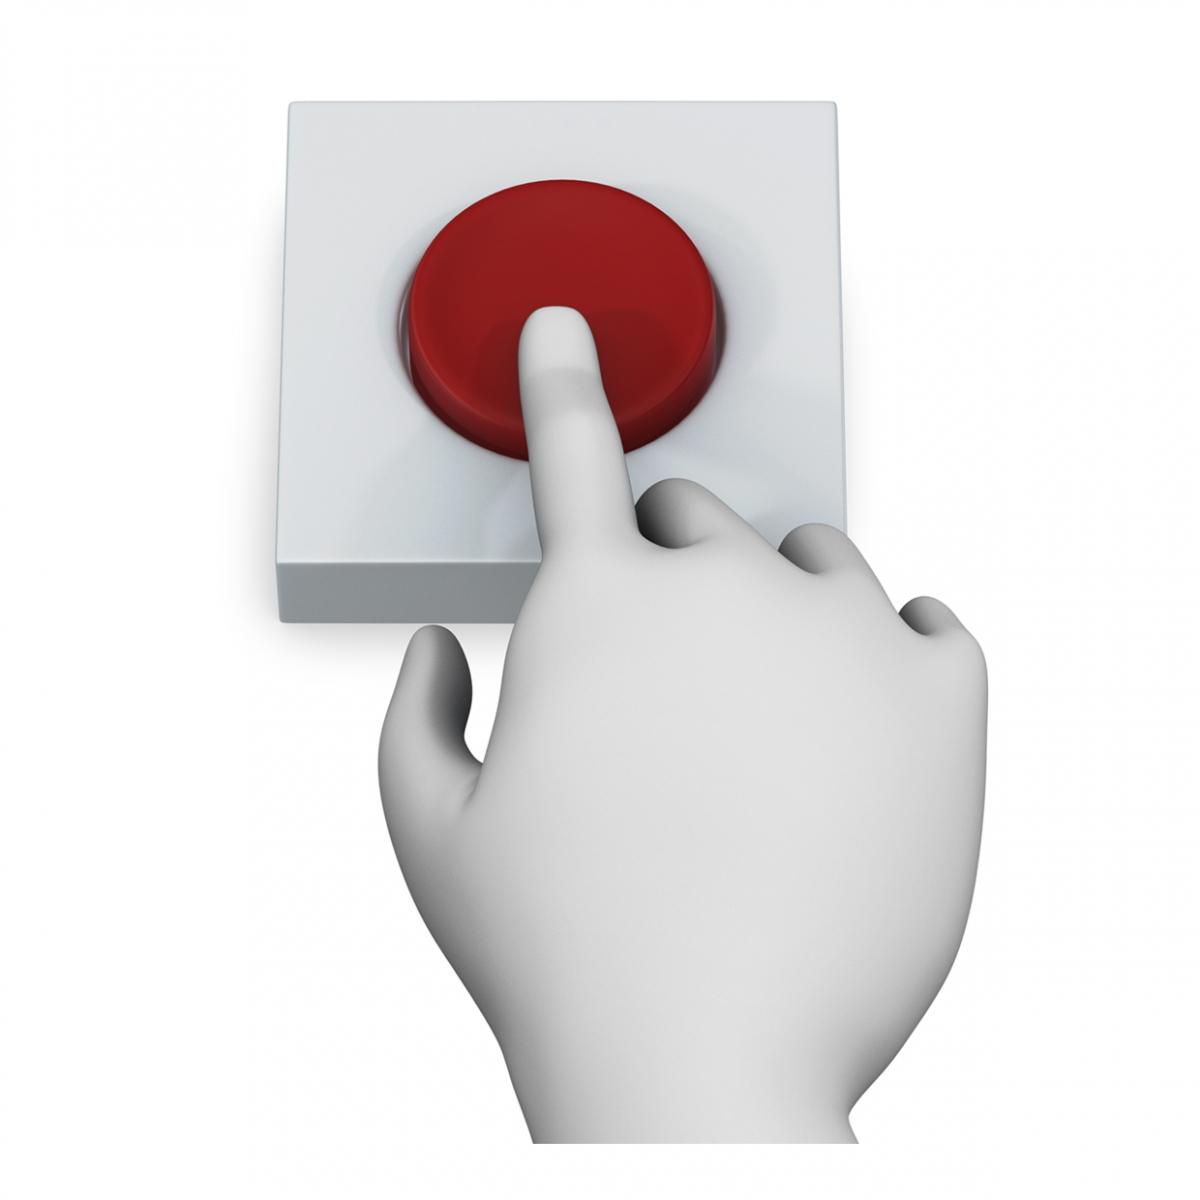 Imagen en la que sale un dedo pulsando un botón